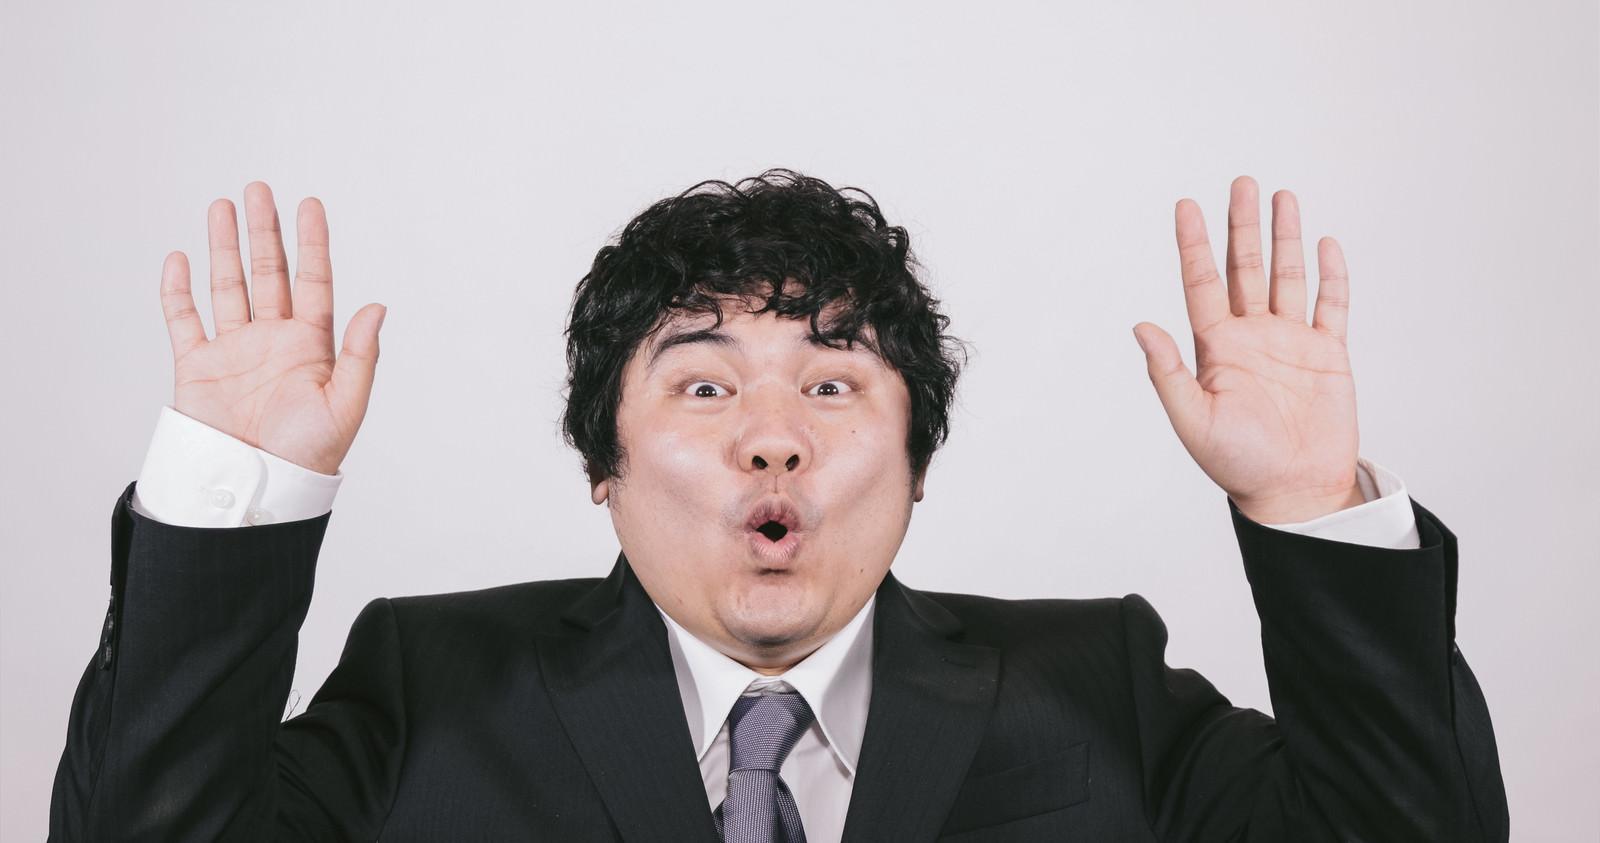 LGTM_dandast5_TP_V 【スマホスピタル品川高輪口店】港区品川駅にスマホ修理店が!!? Σ(・□・;)